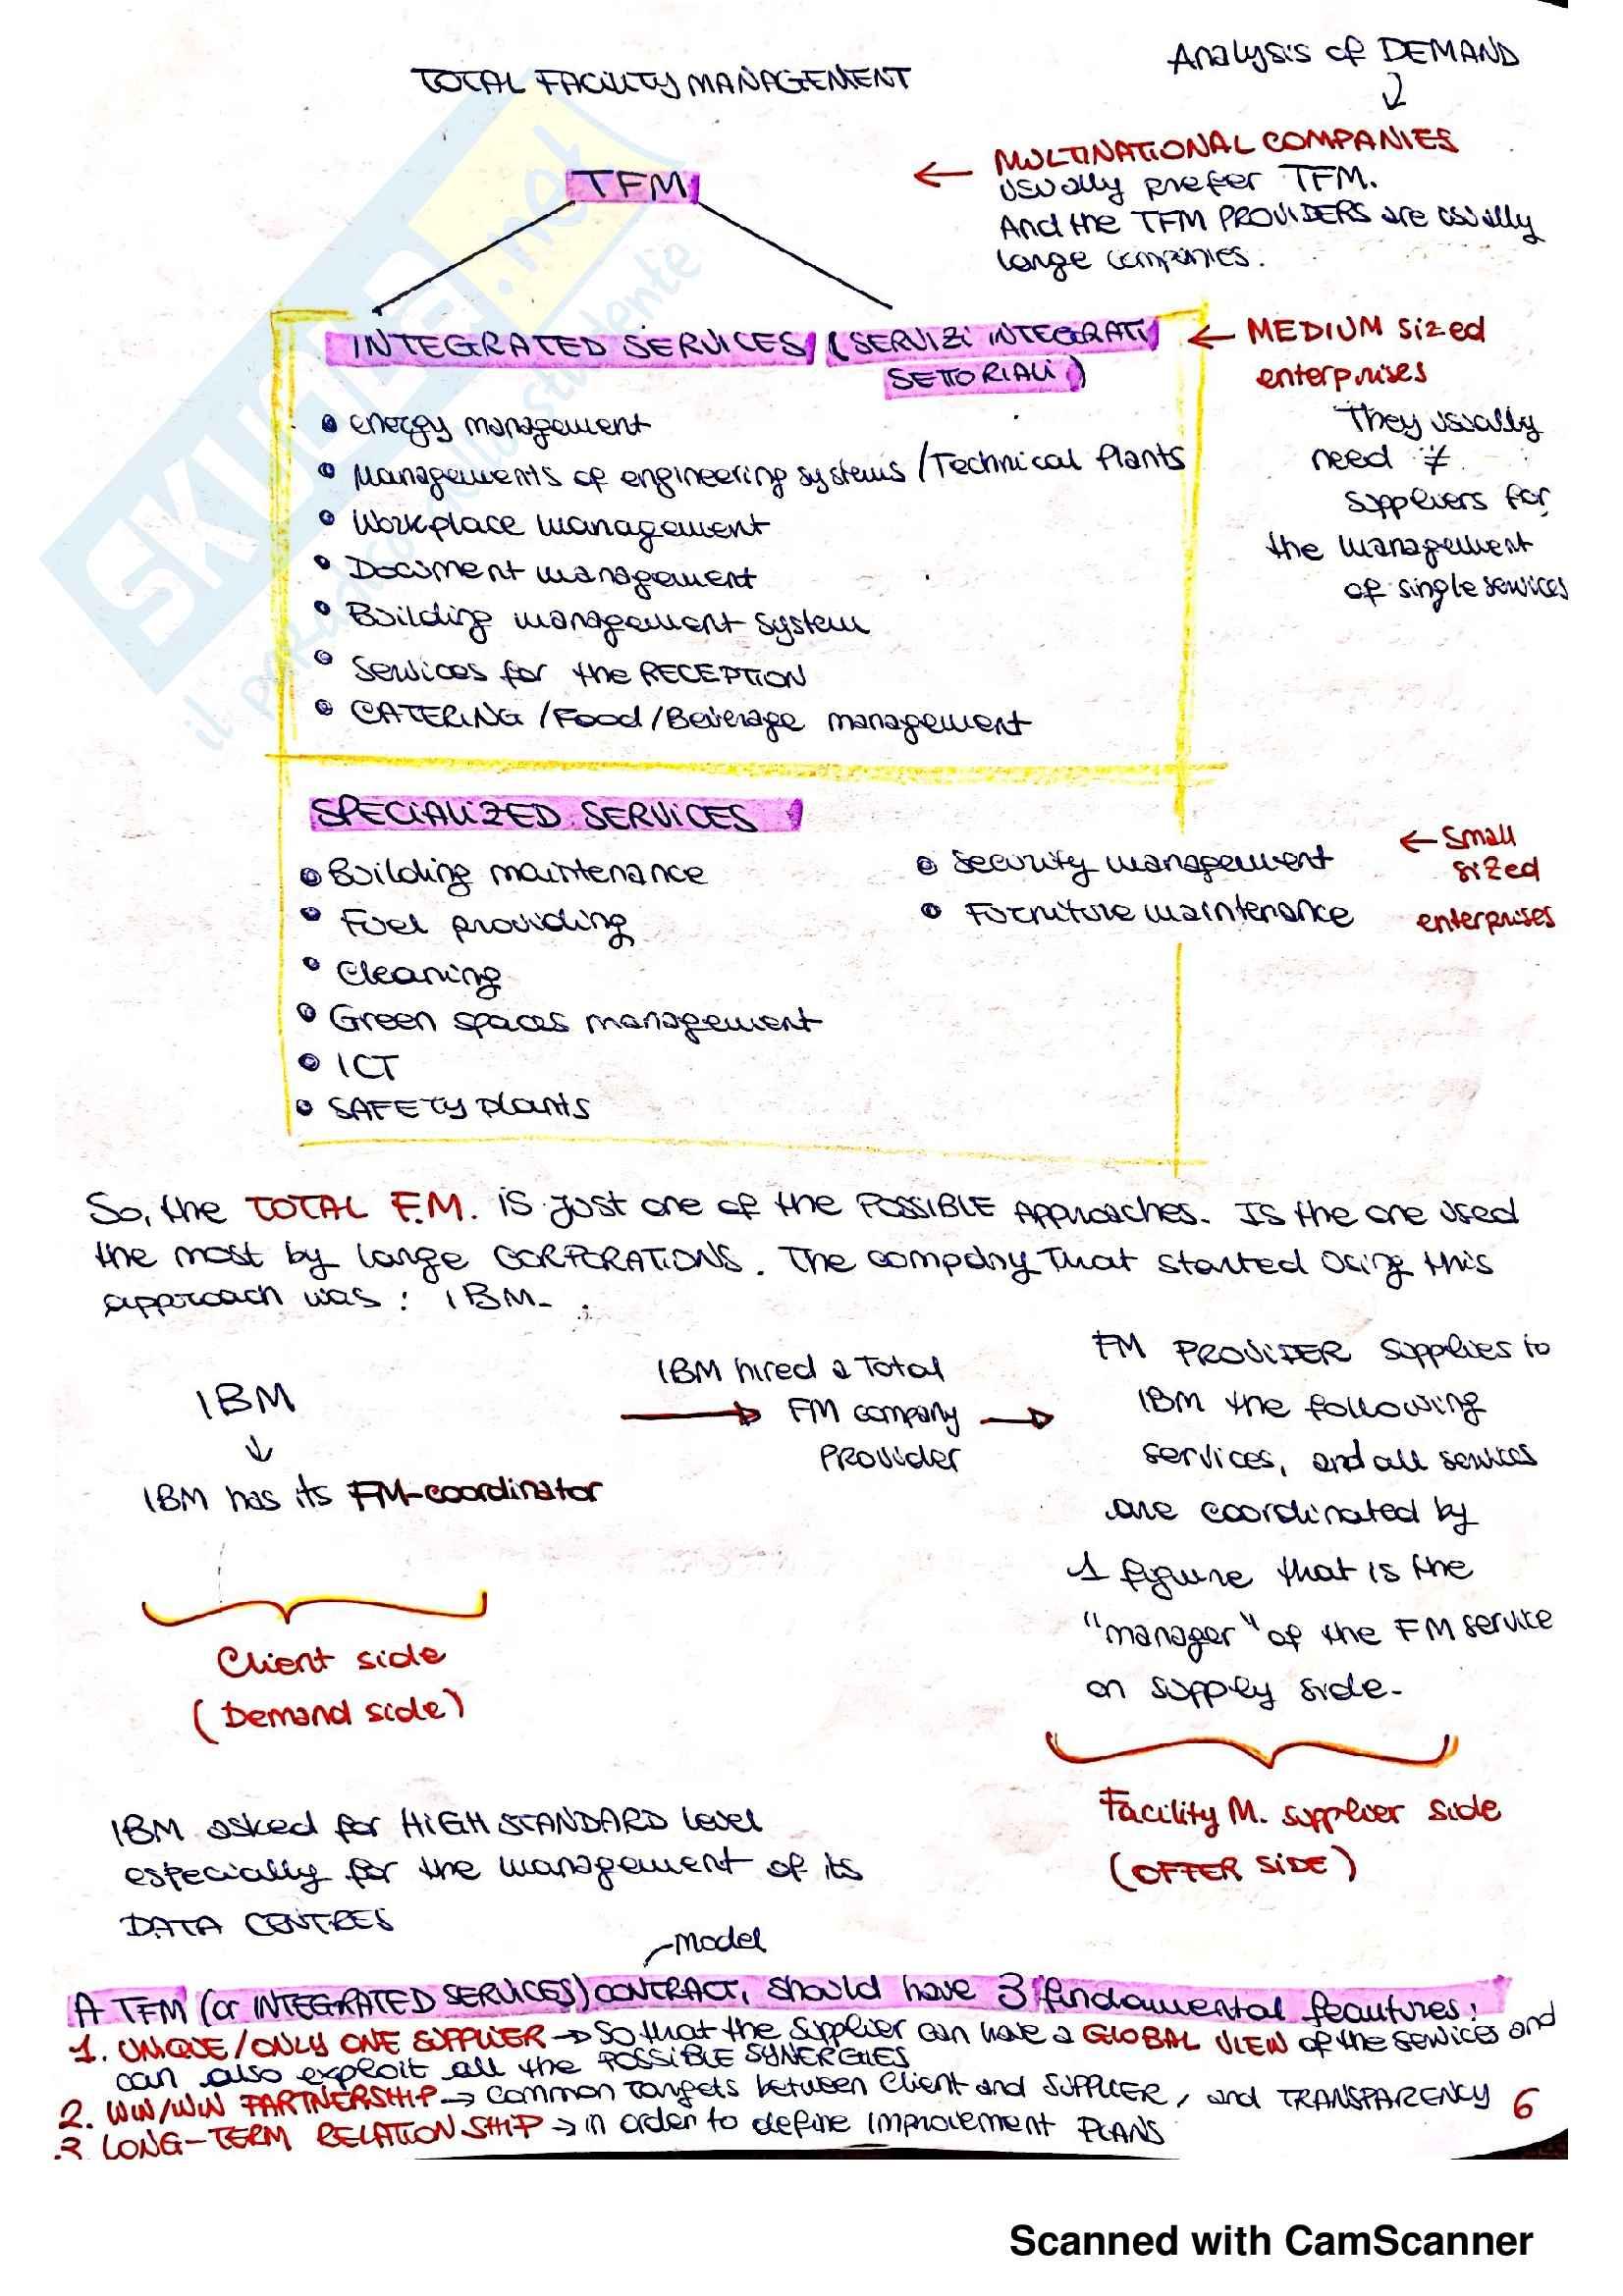 Appunti completi del corso Facility Management Pag. 6